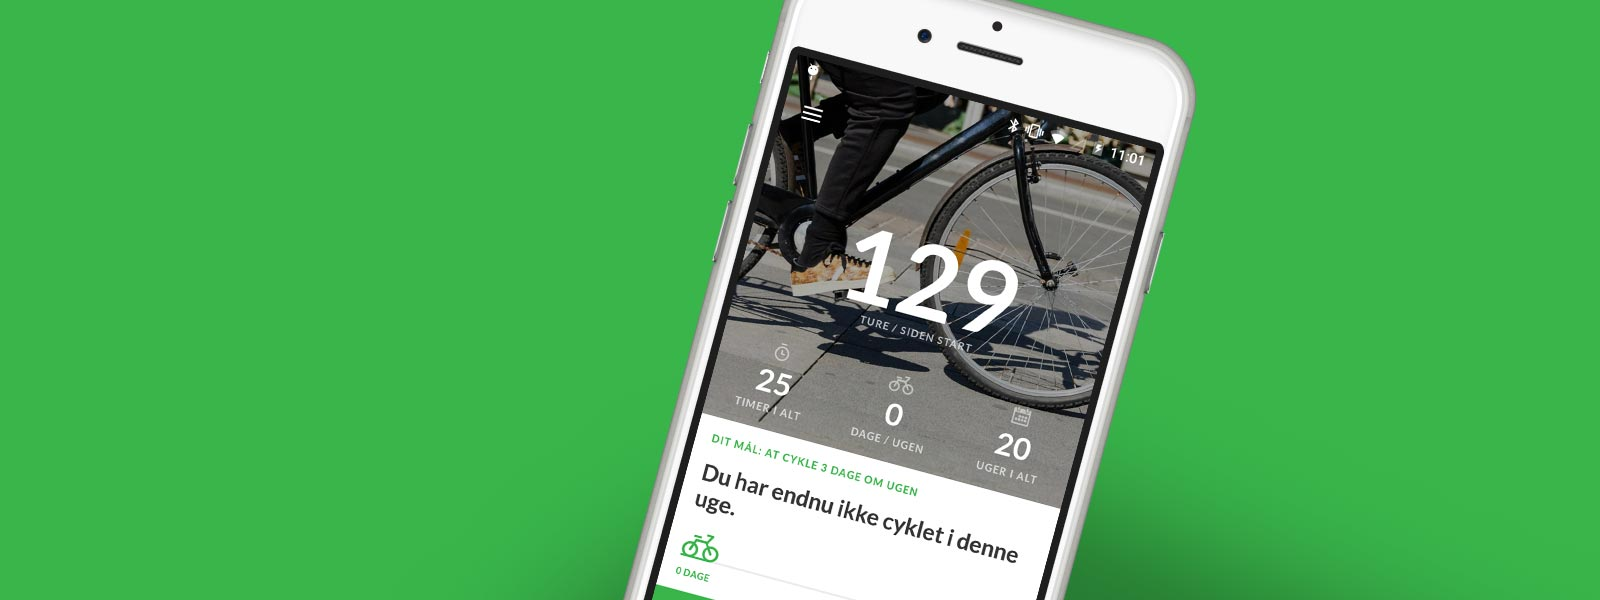 Ta' Cyklen Danmark: Kampagnen der fik danskerne til at cykle 21 millioner flere cykelture